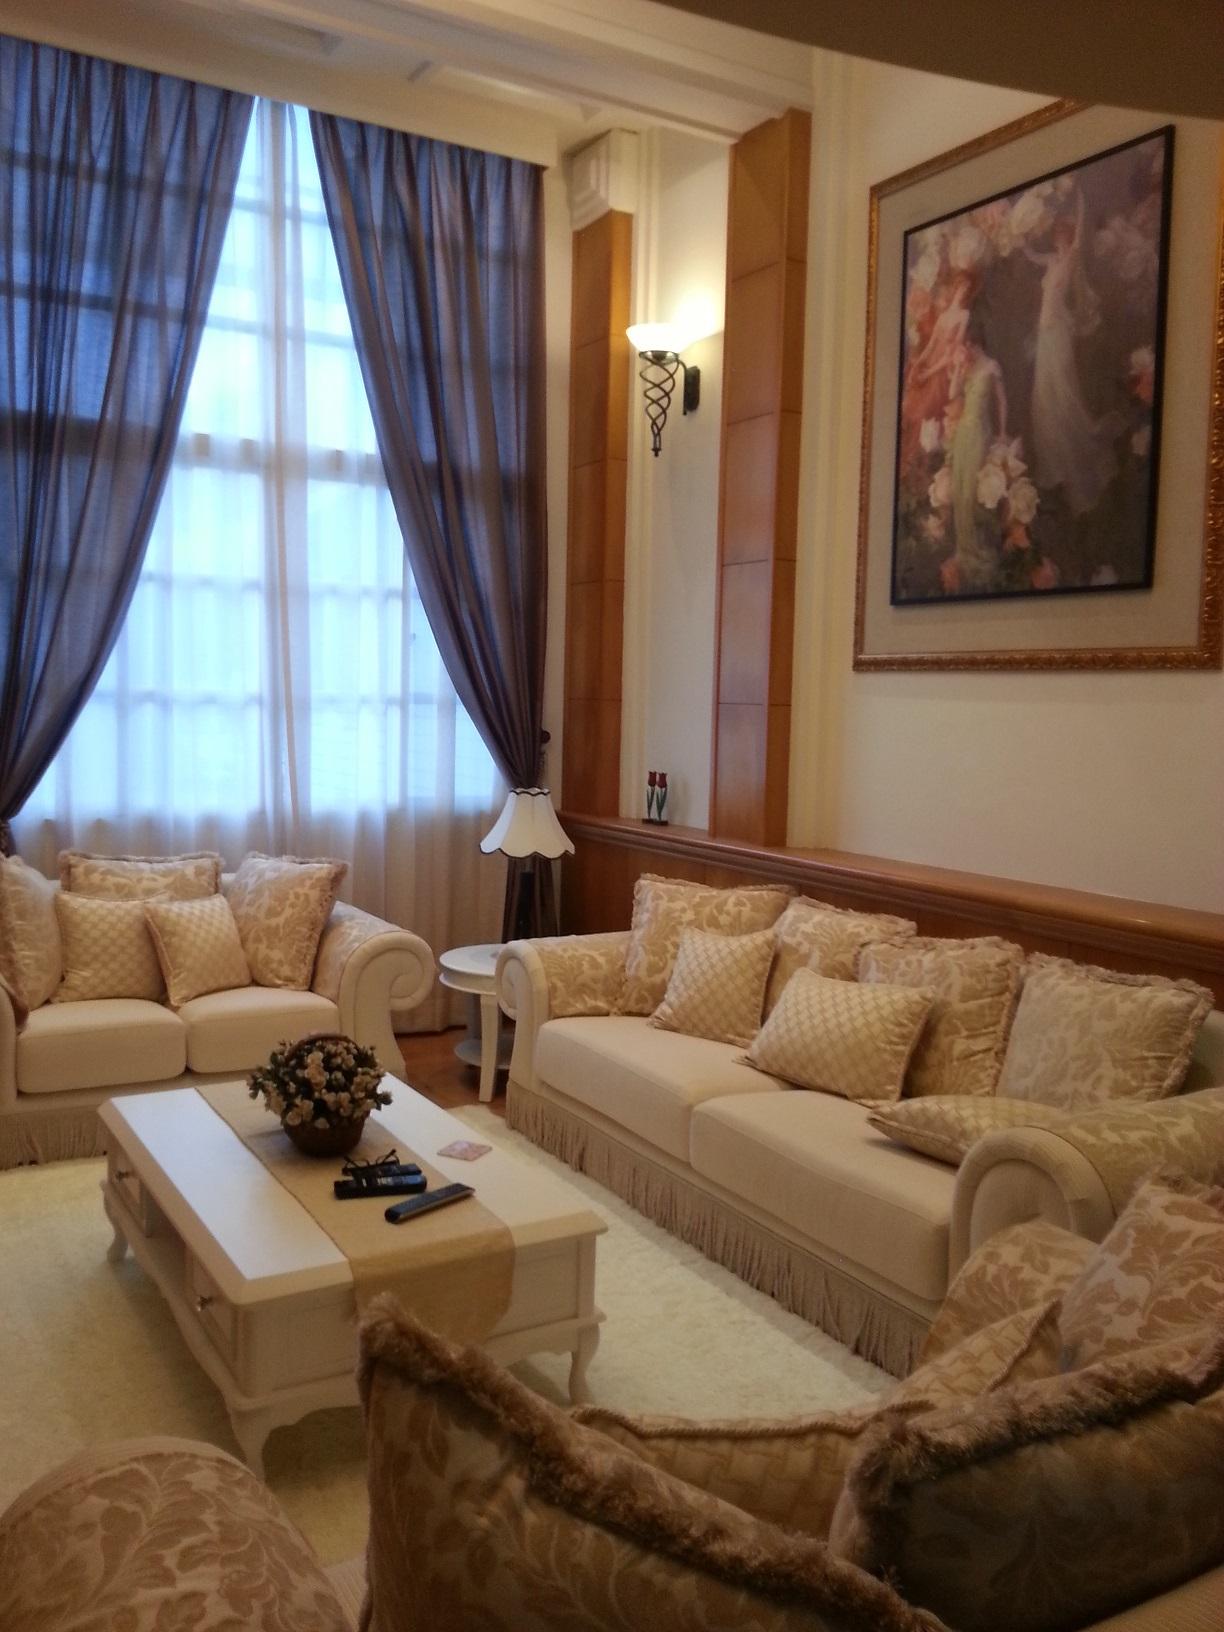 客厅挑高落地窗选用素色窗帘布搭配纯白窗纱